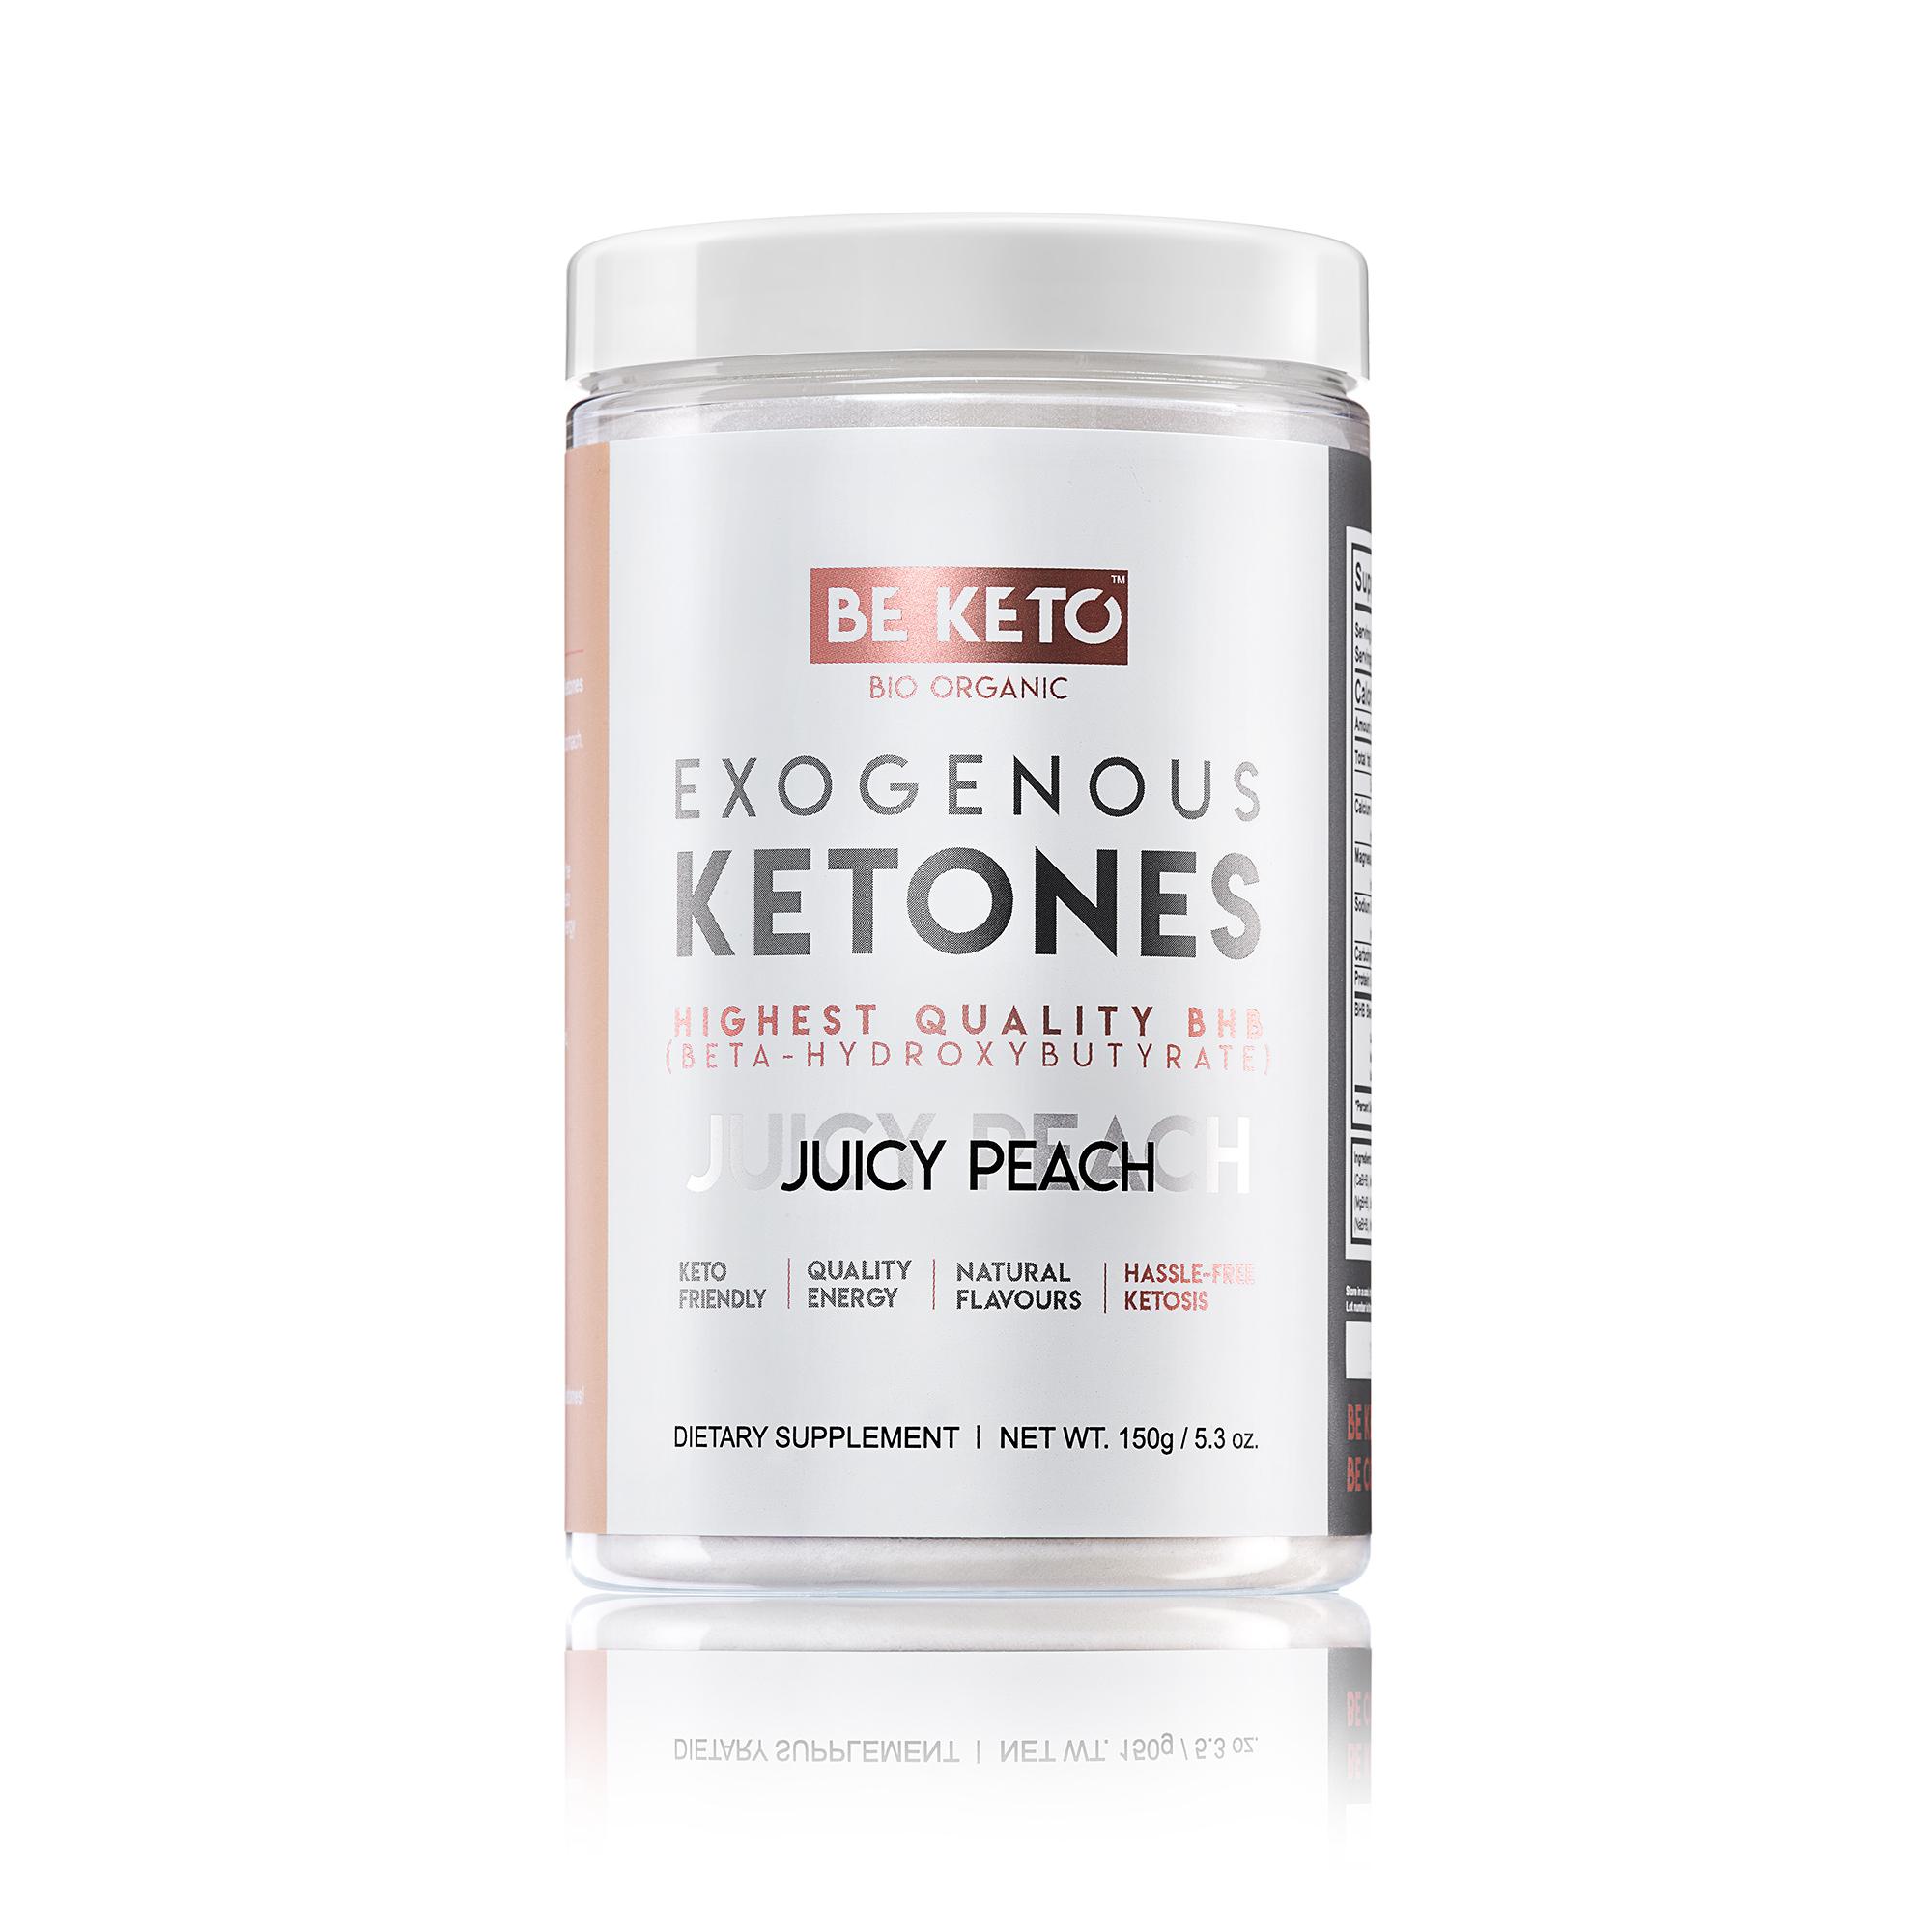 Exogenous Ketones - Juicy Peach